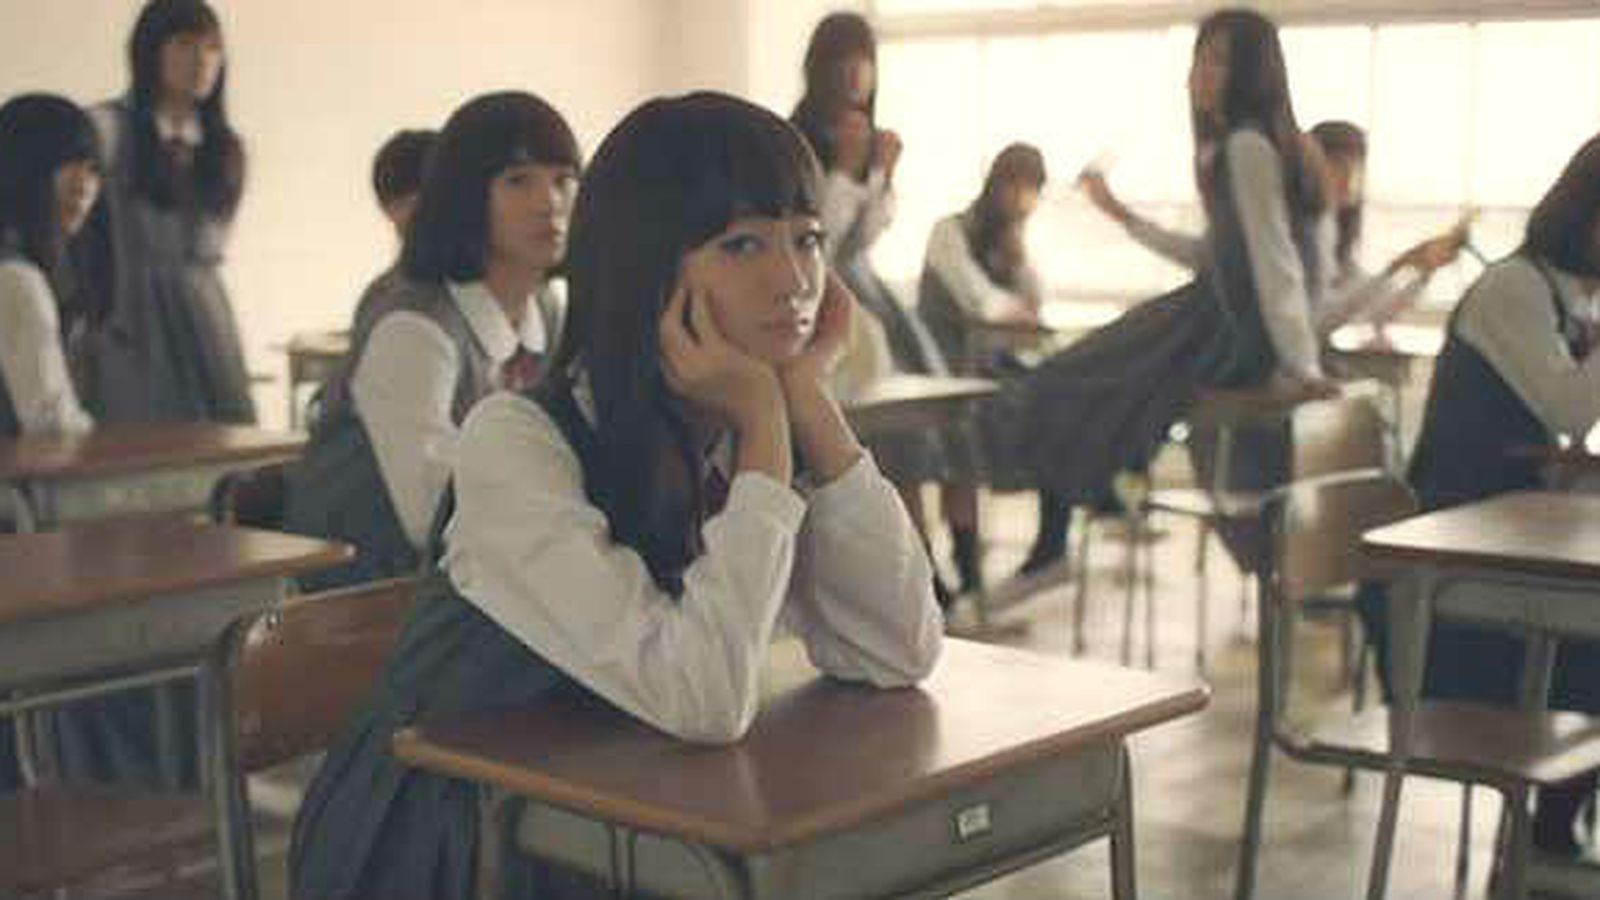 Foto: Estas 'chicas' sorprenden a los espectadores del vídeo (captura de YouTube)